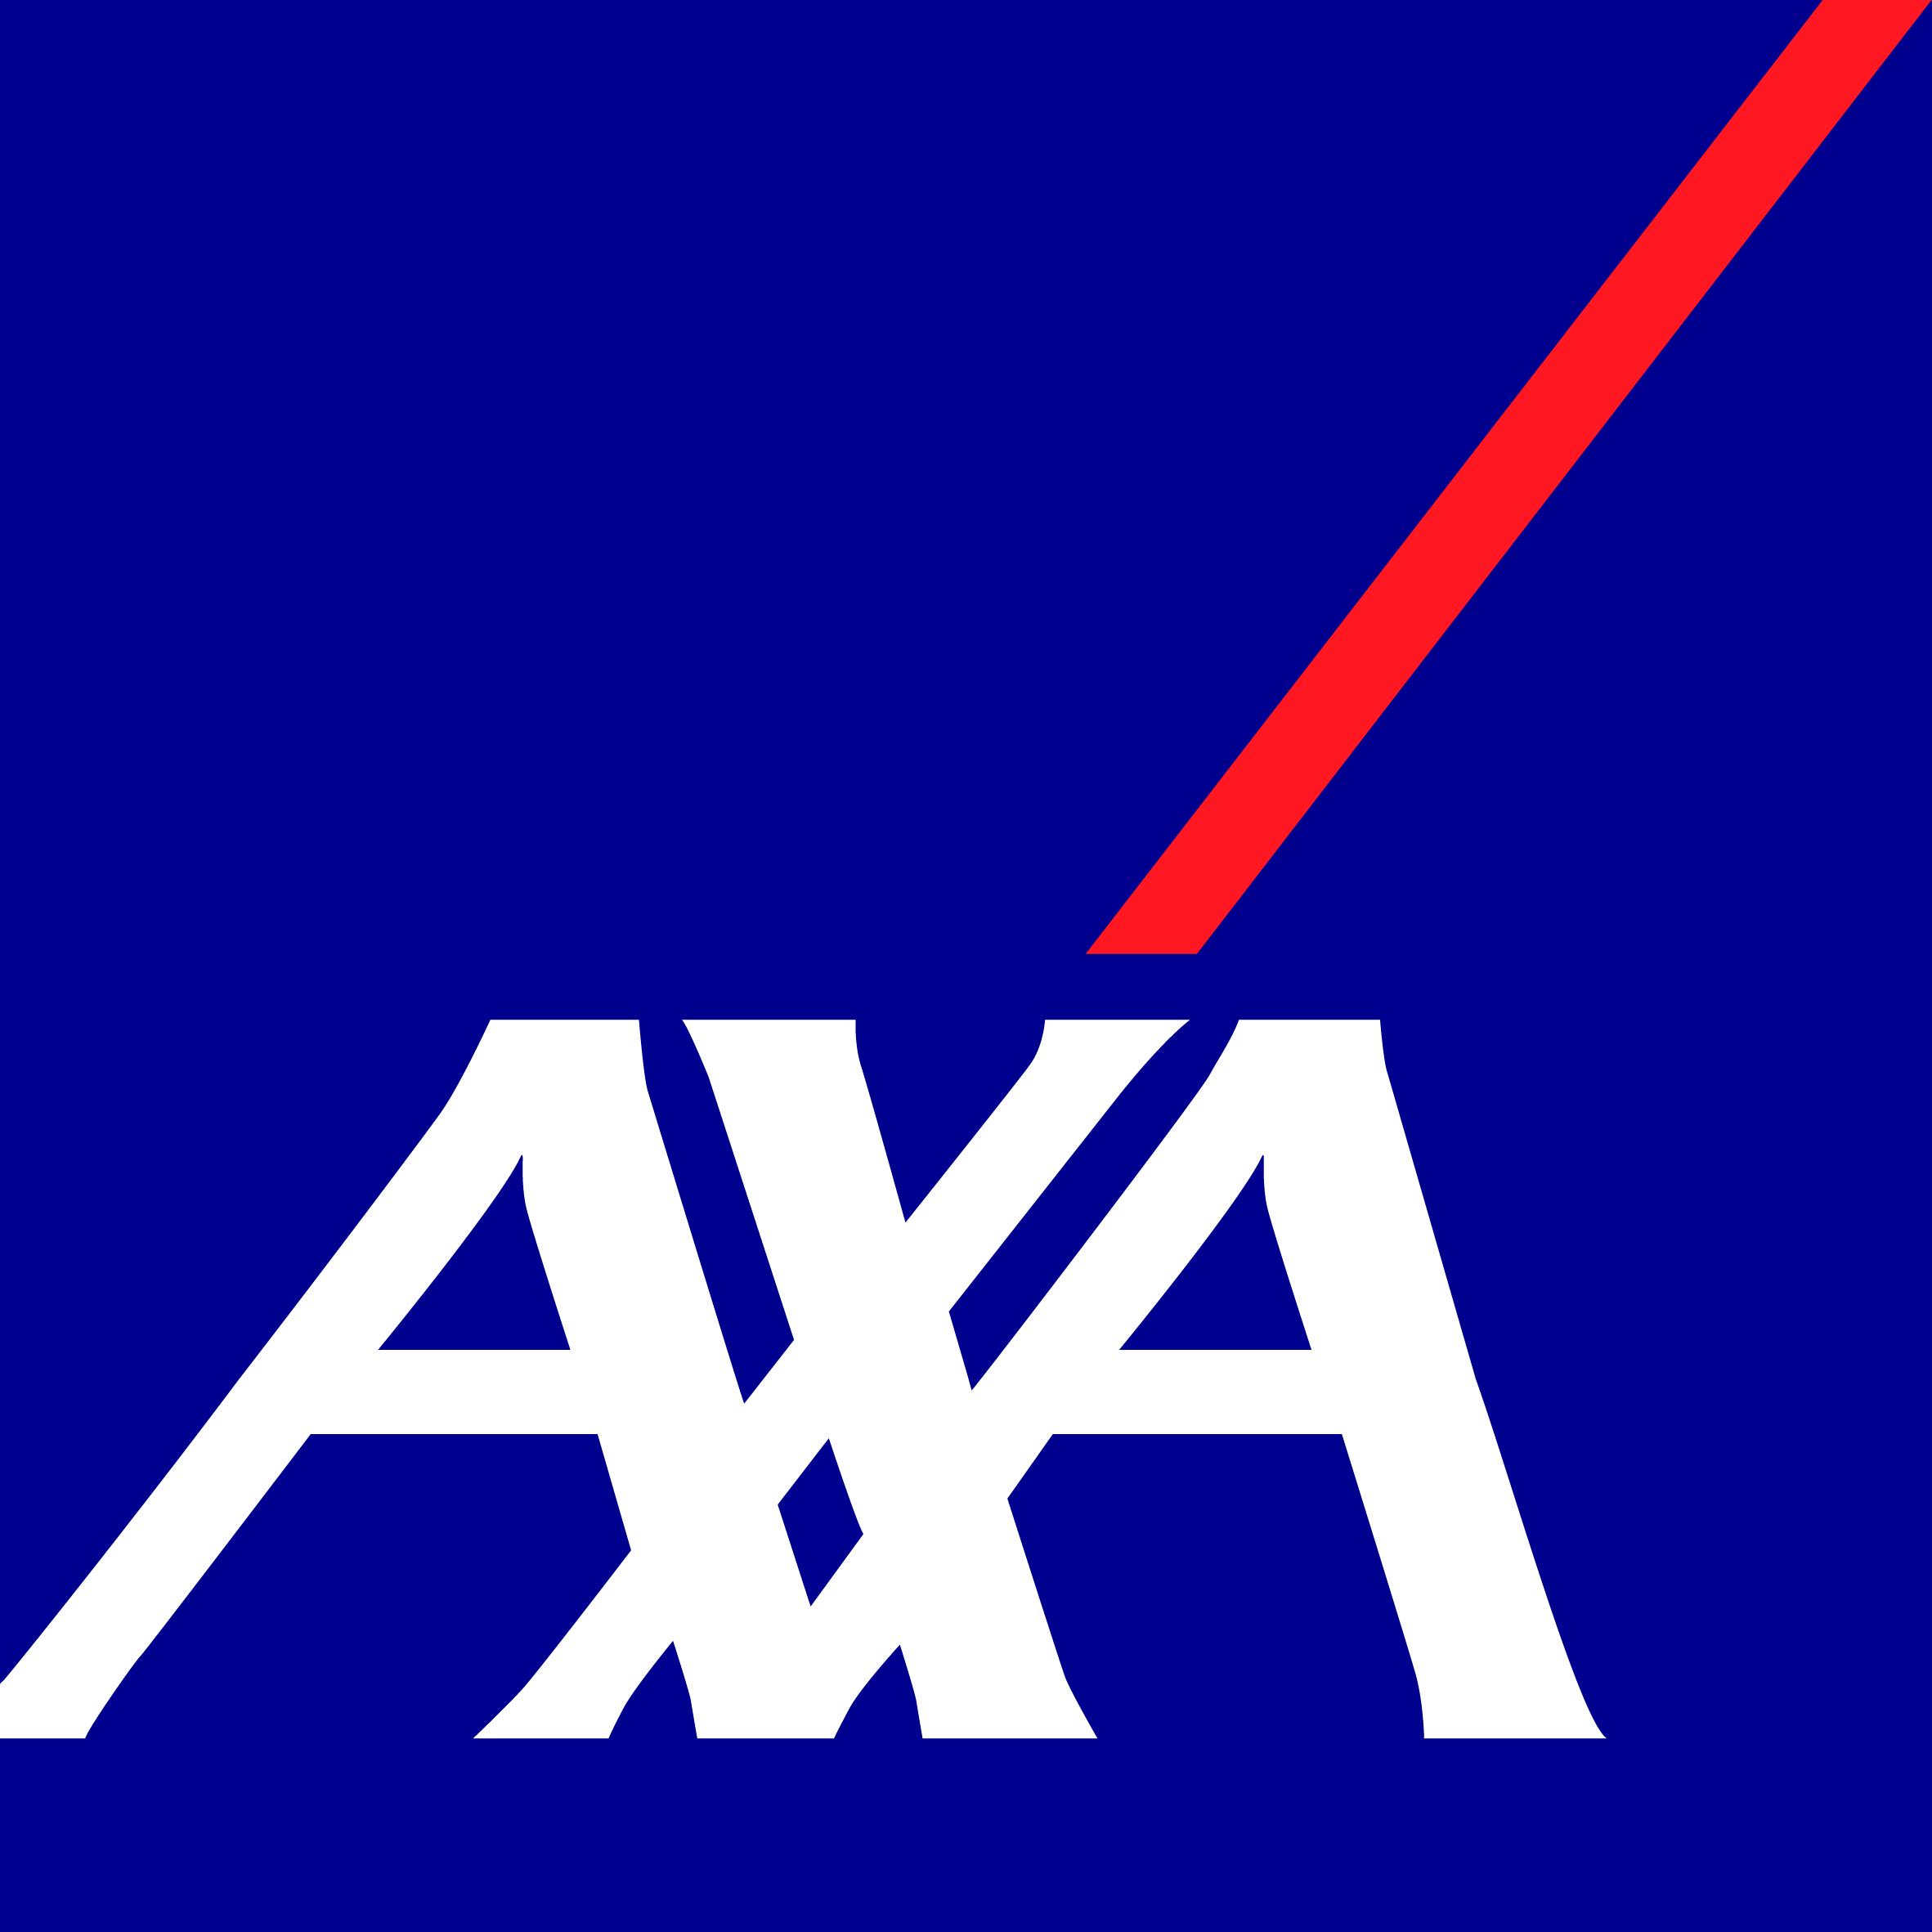 AXA Logo